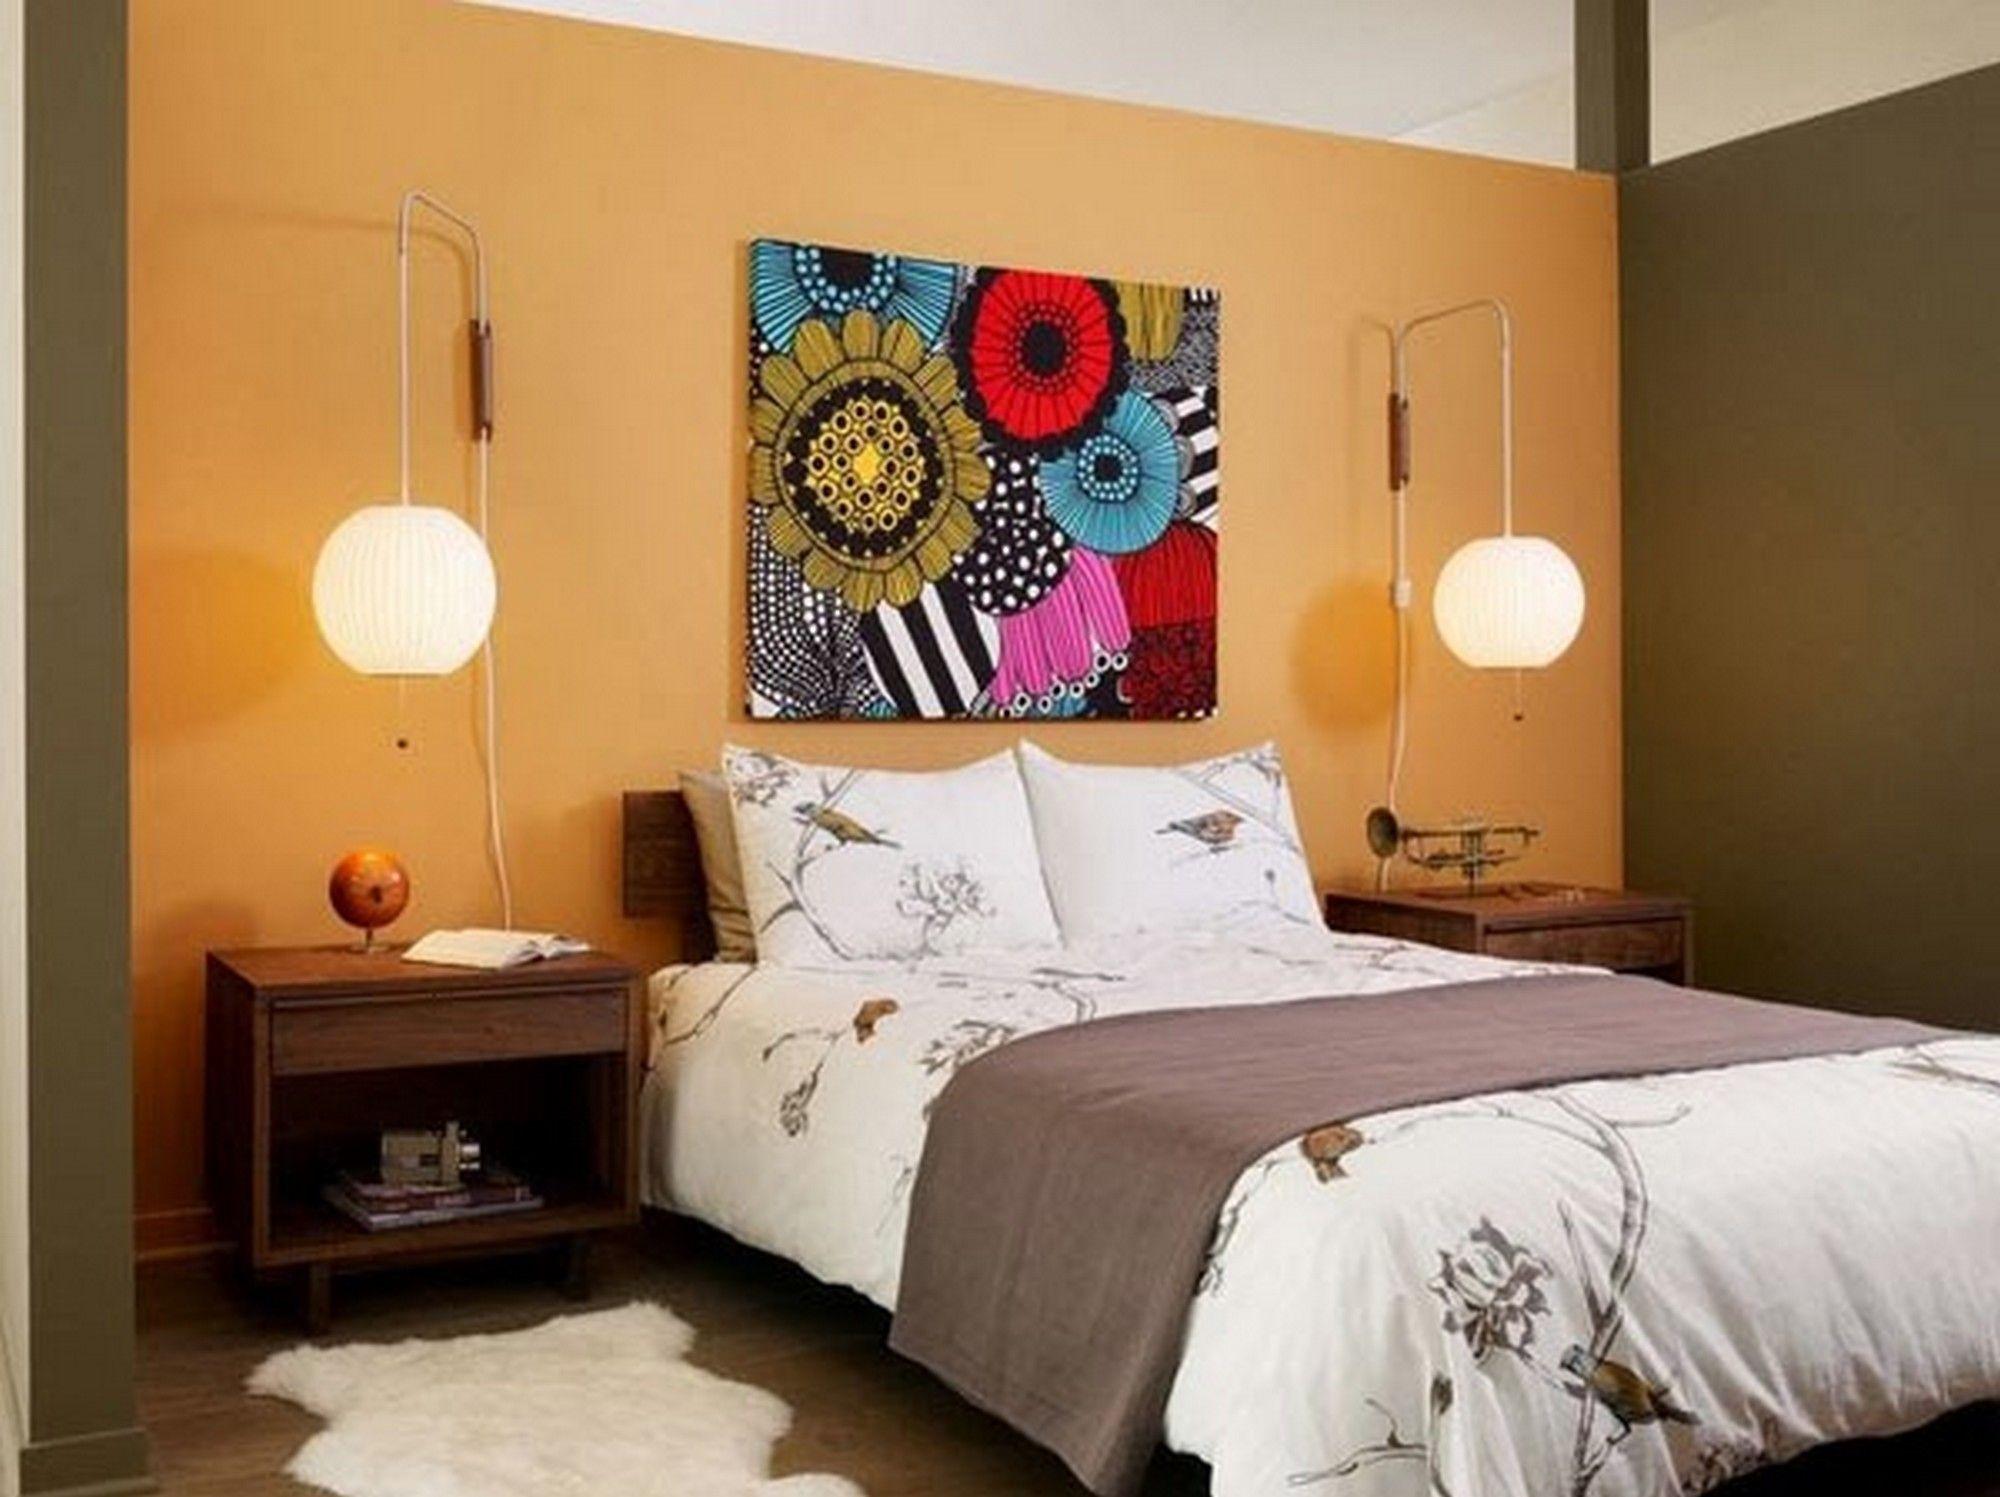 Innenarchitektur von schlafzimmermöbeln wand farbe ideen für kleine schlafzimmer schlafzimmer